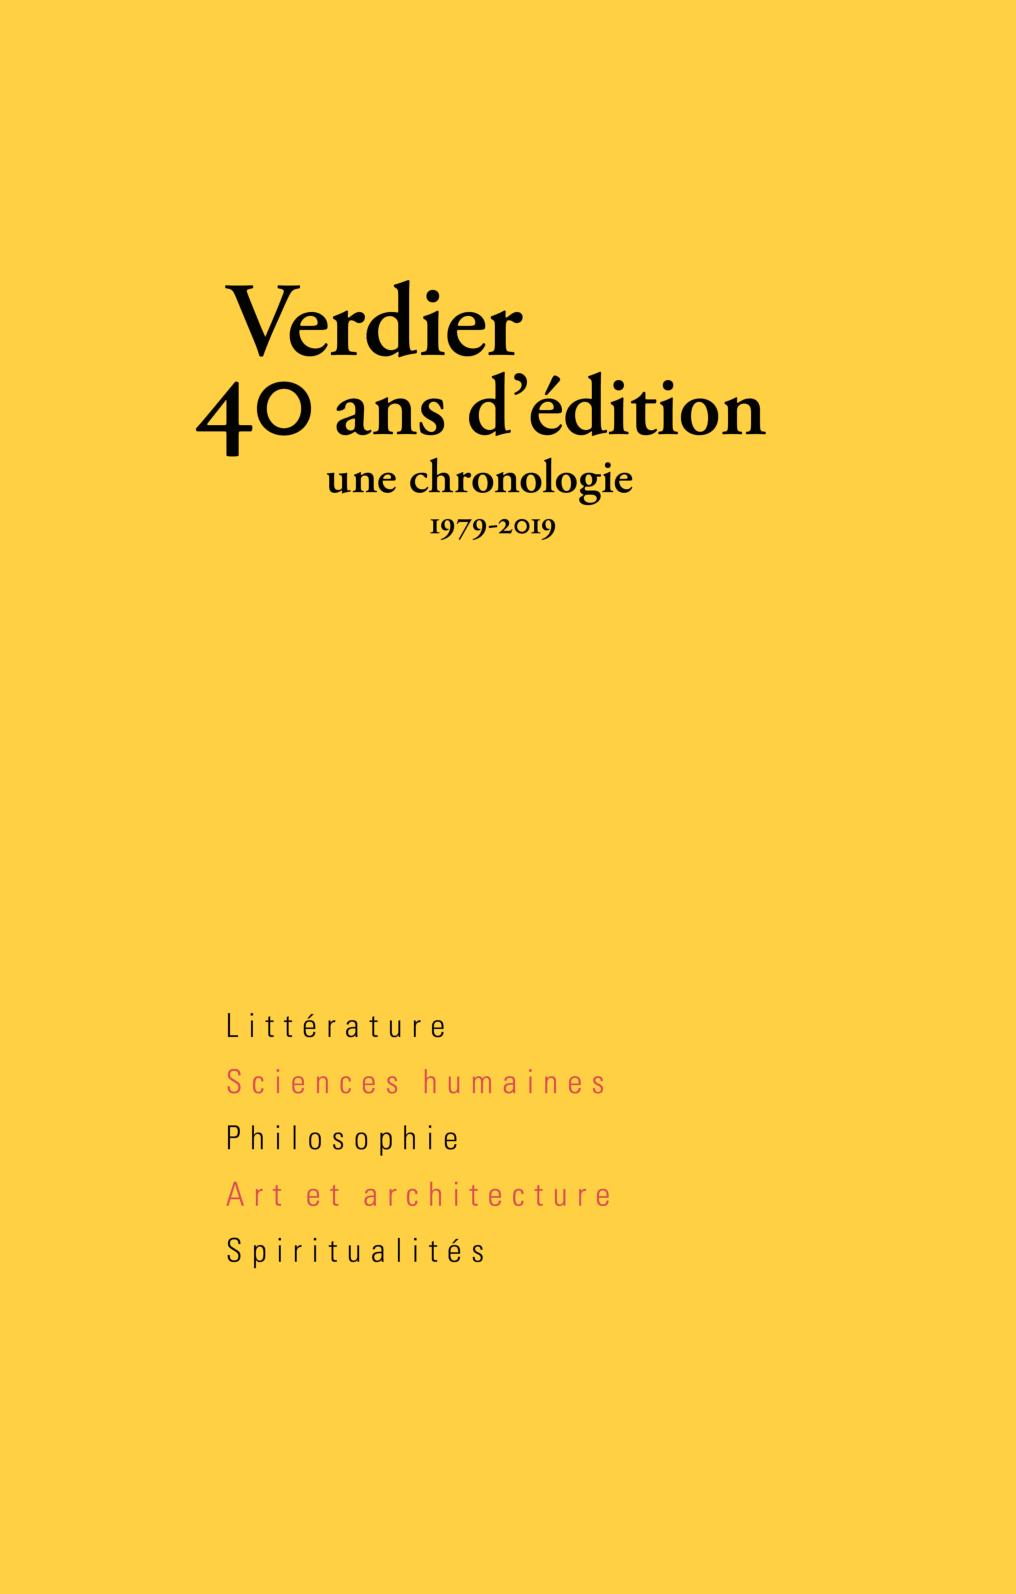 Ans Verdier40 Ans Calaméo Verdier40 D'édition Calaméo l1c3TFJK